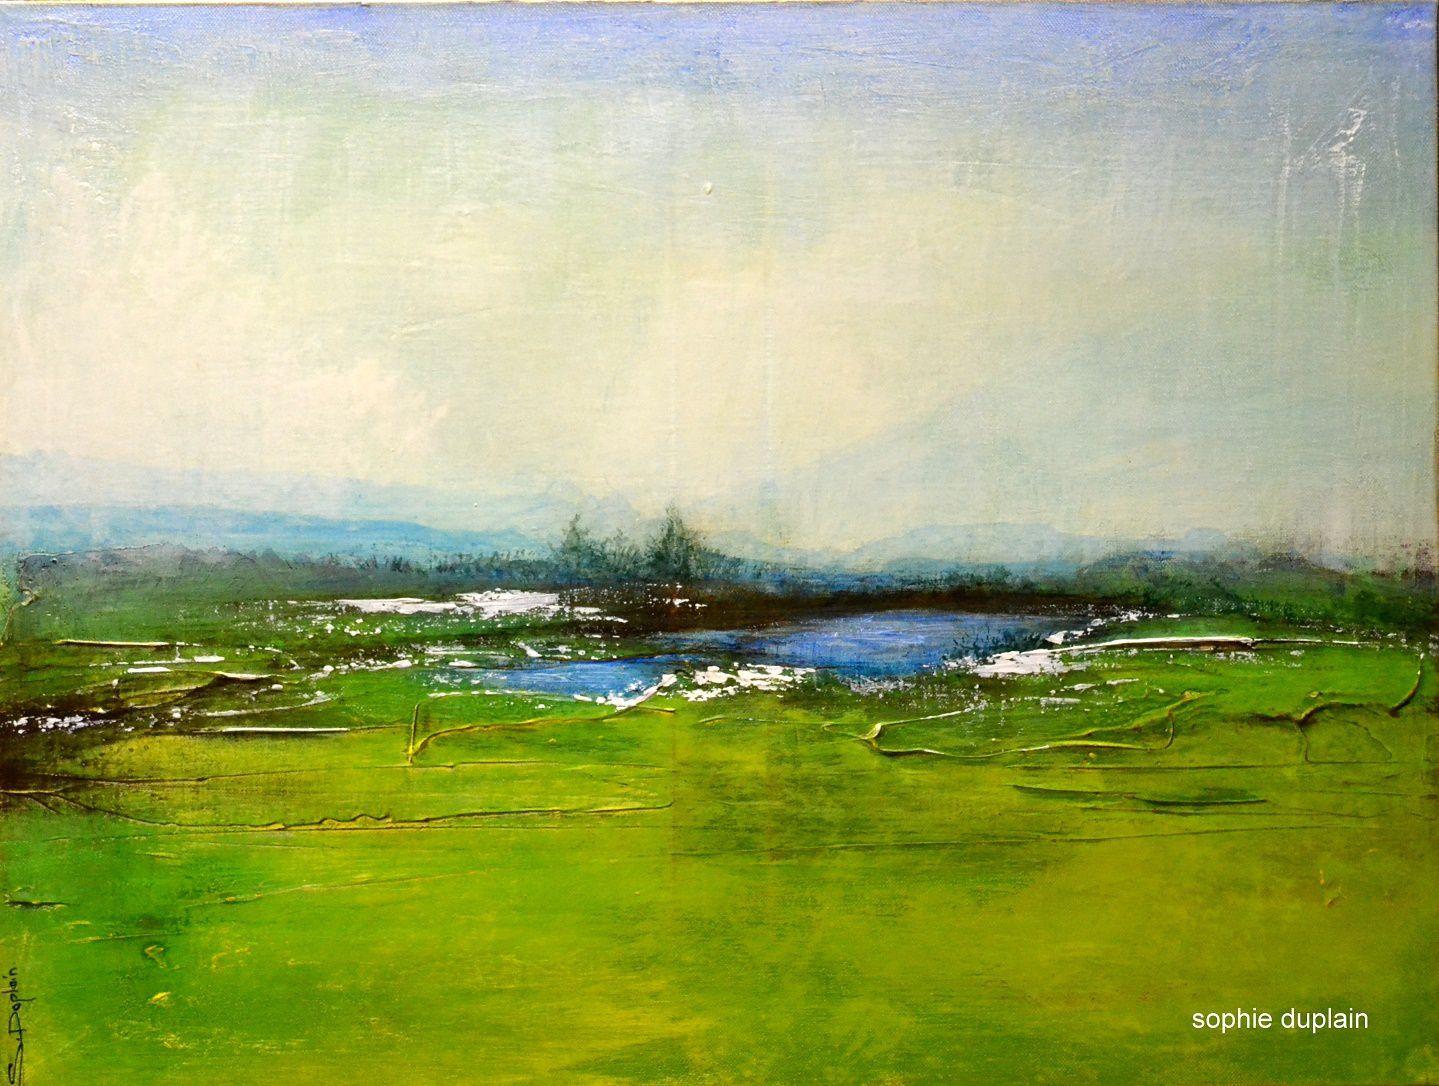 Peintures de Sophie Duplain. Site: http://www.sophieduplain.com/